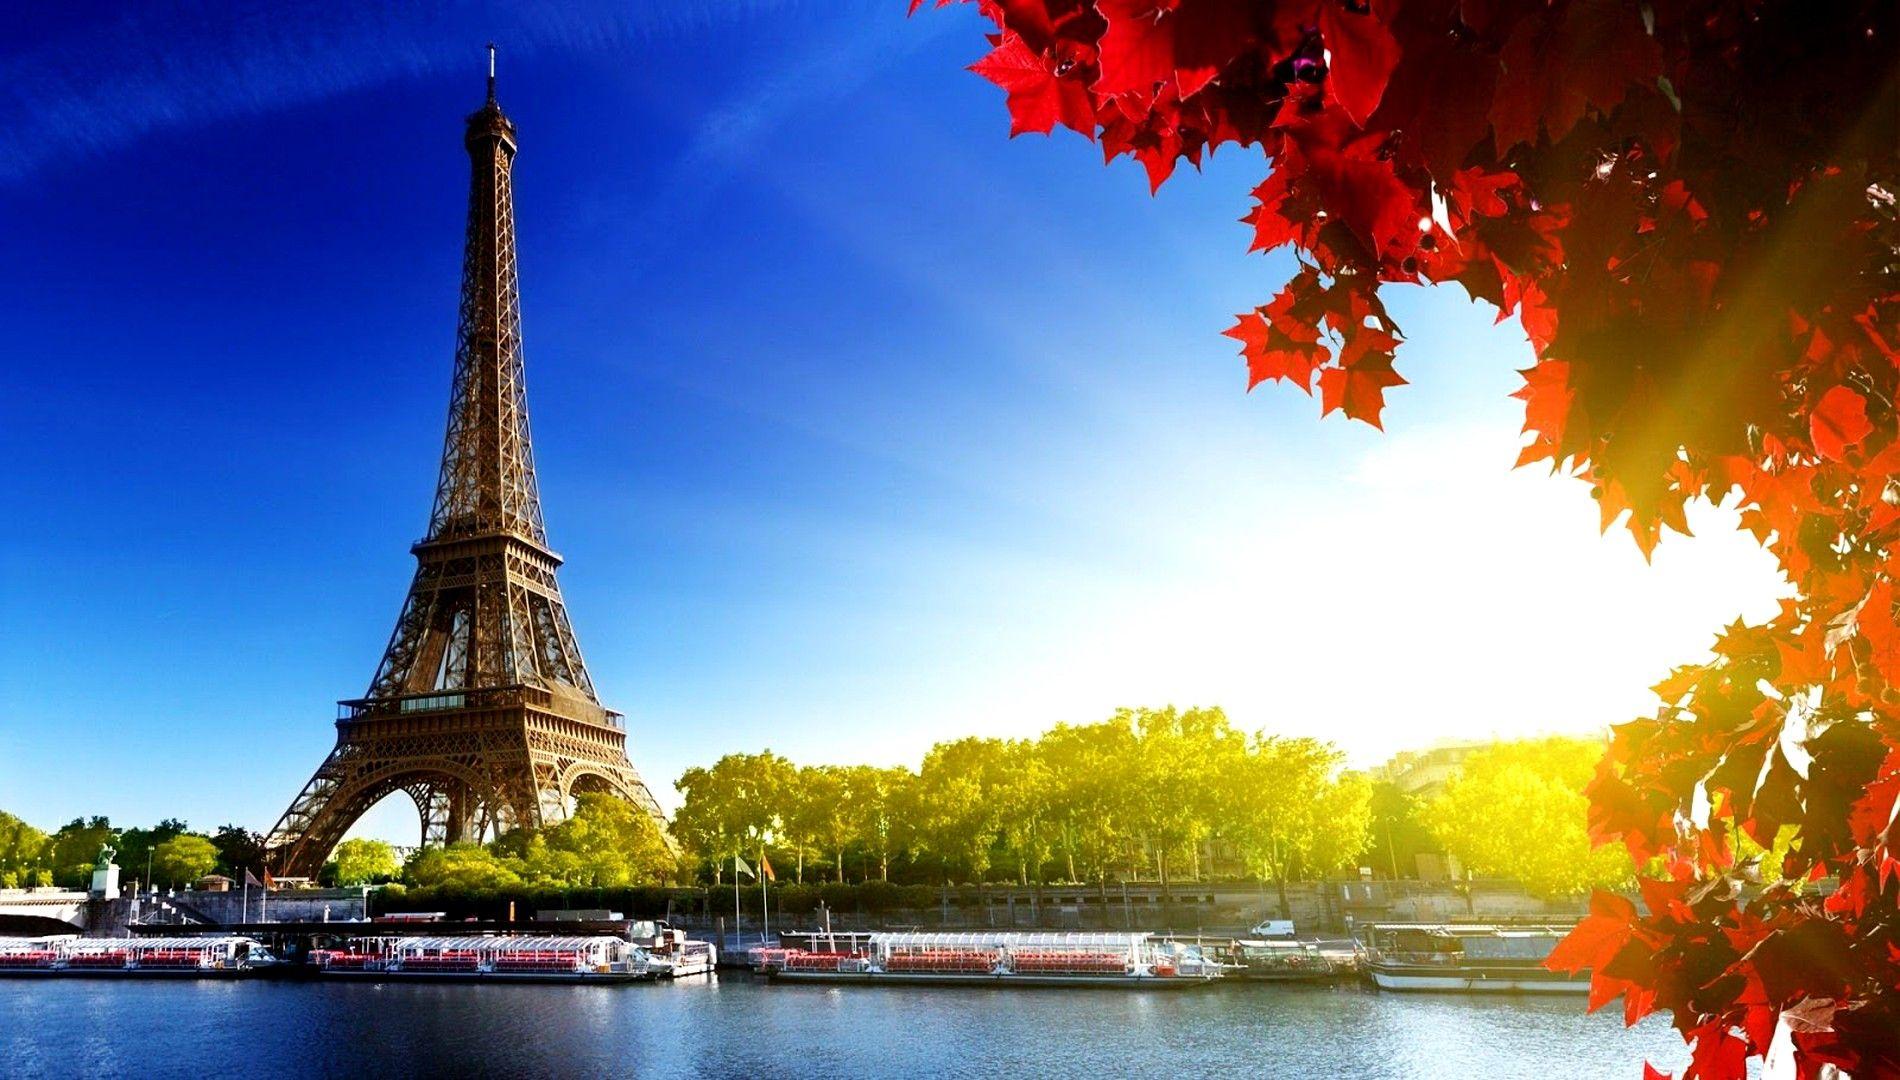 Paris Wallpaper HD Widescreen : Find Best Latest Paris